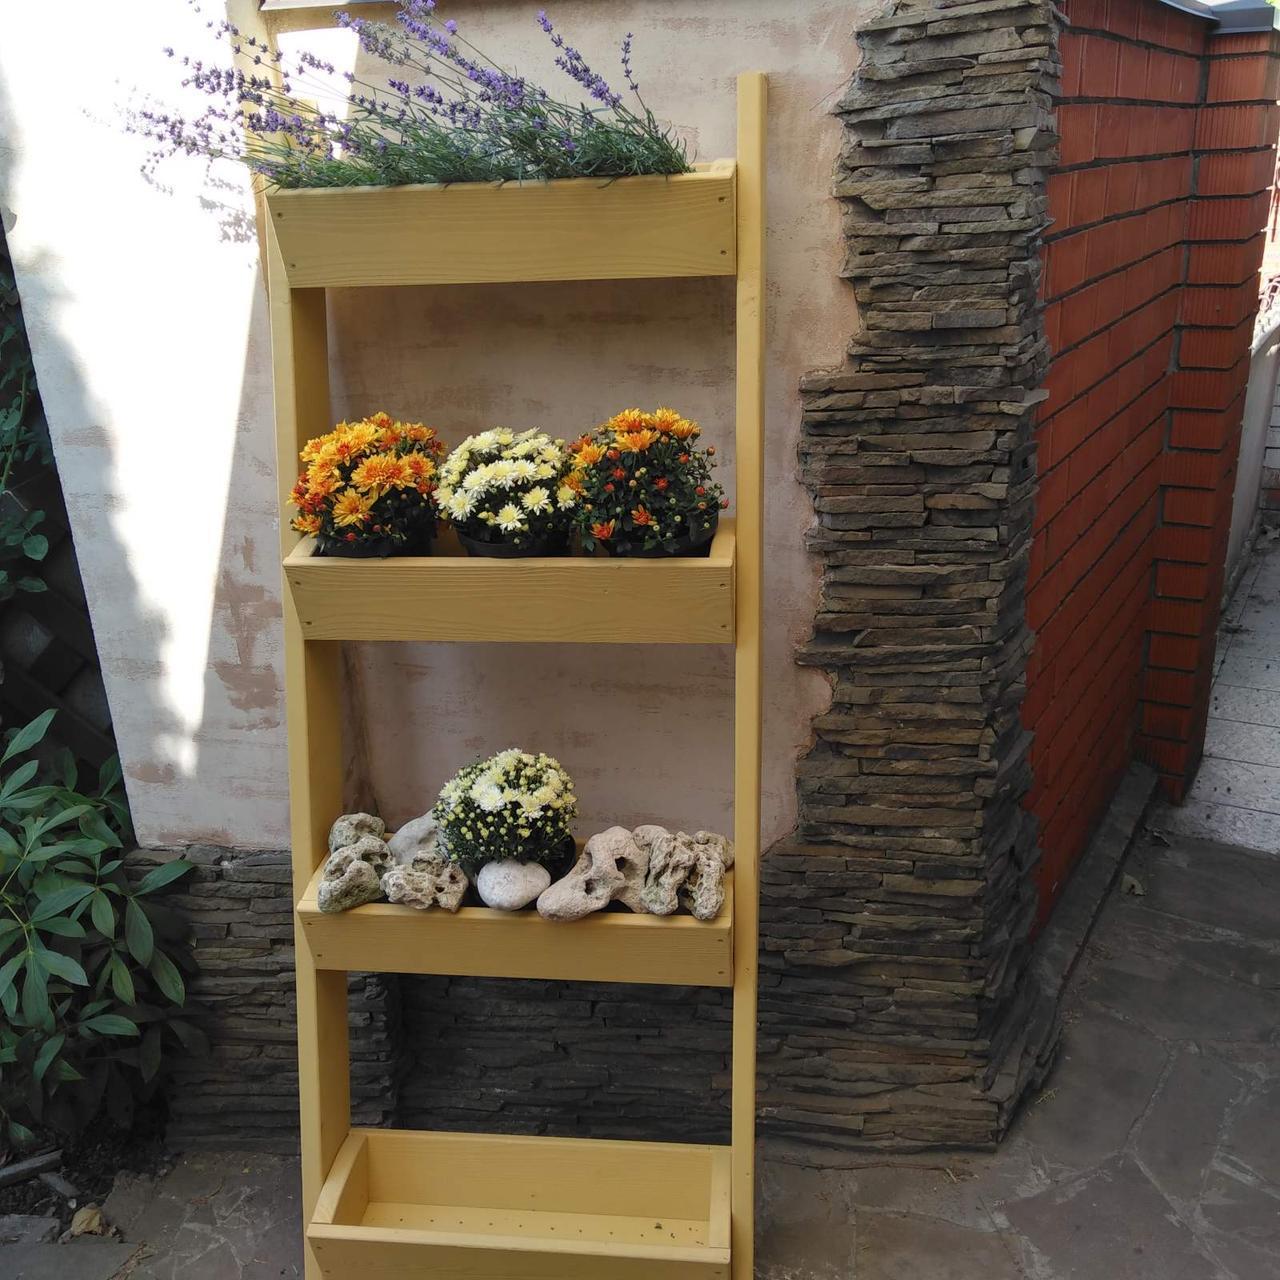 Хендмейд - ручная работа из дерева